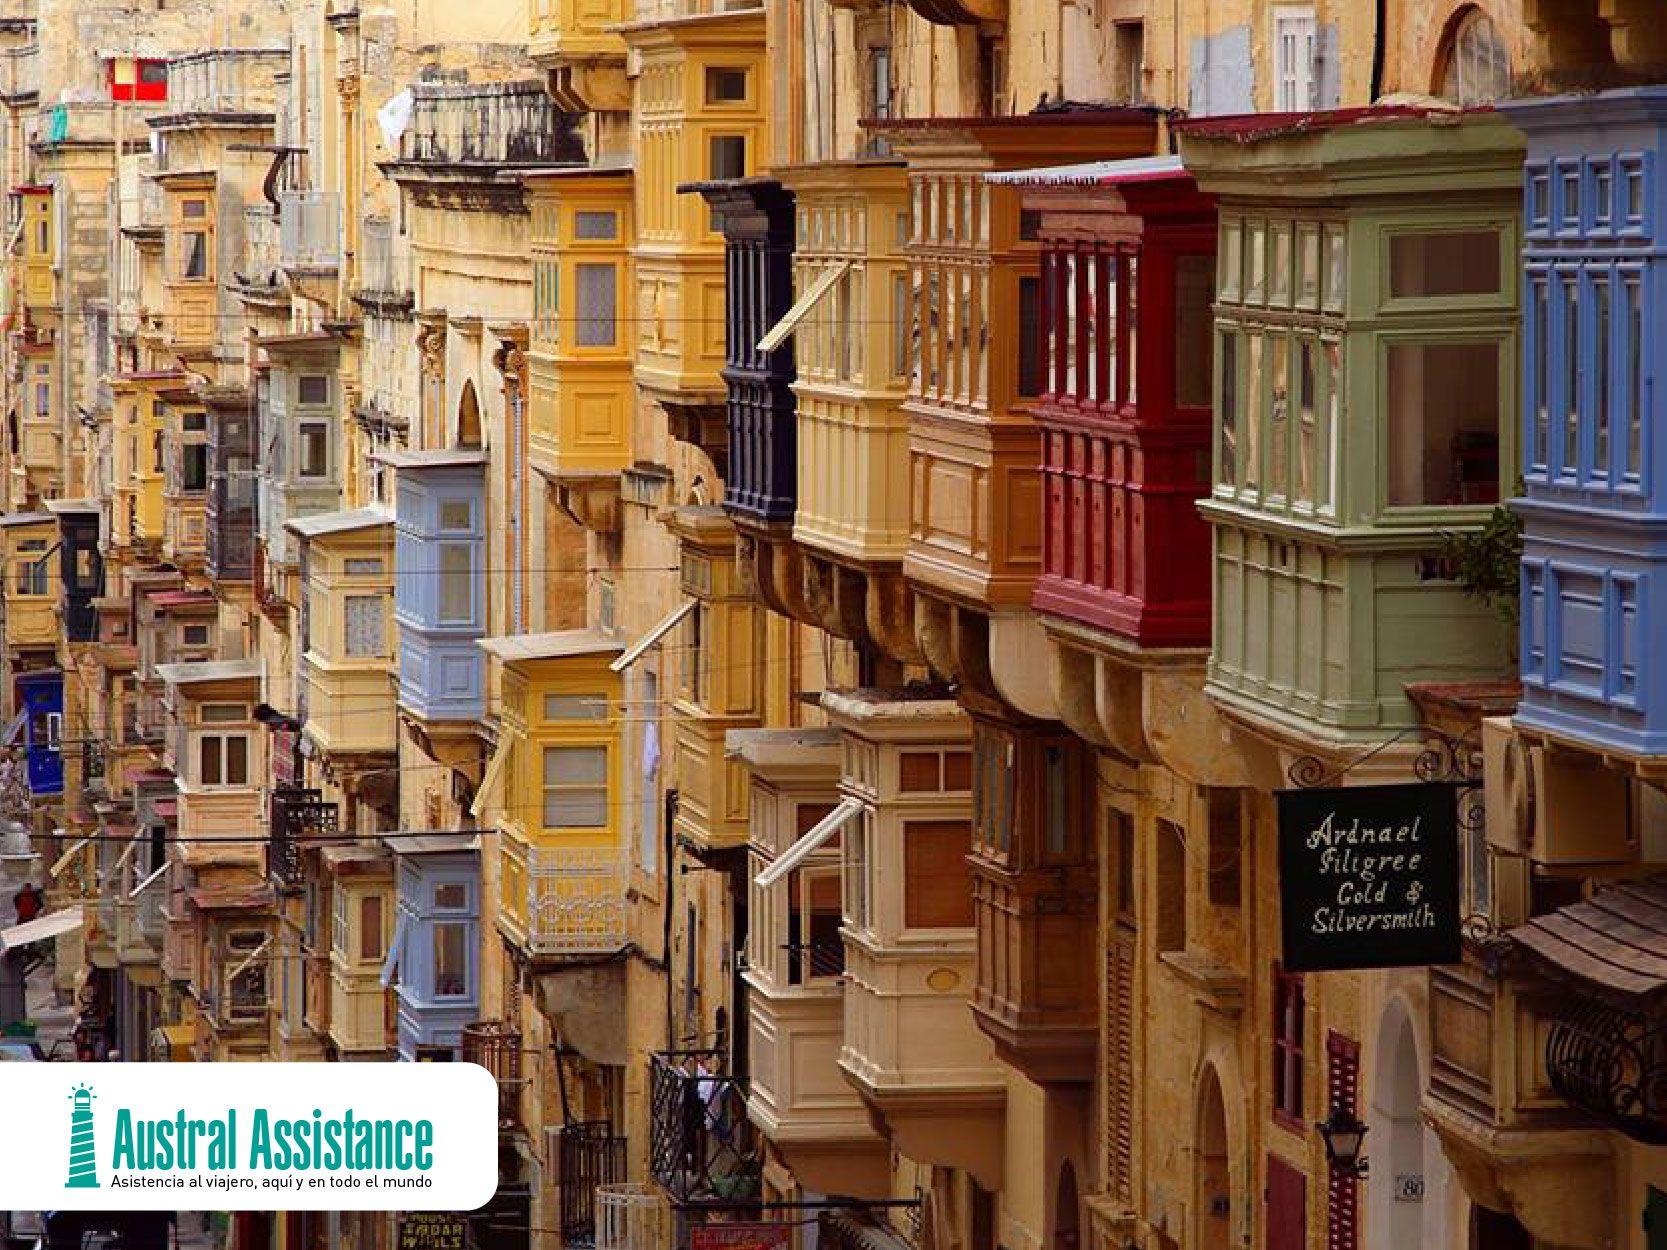 Austral Assistance - Asistencia al viajero, aquí y en todo el mundo ---> Malta